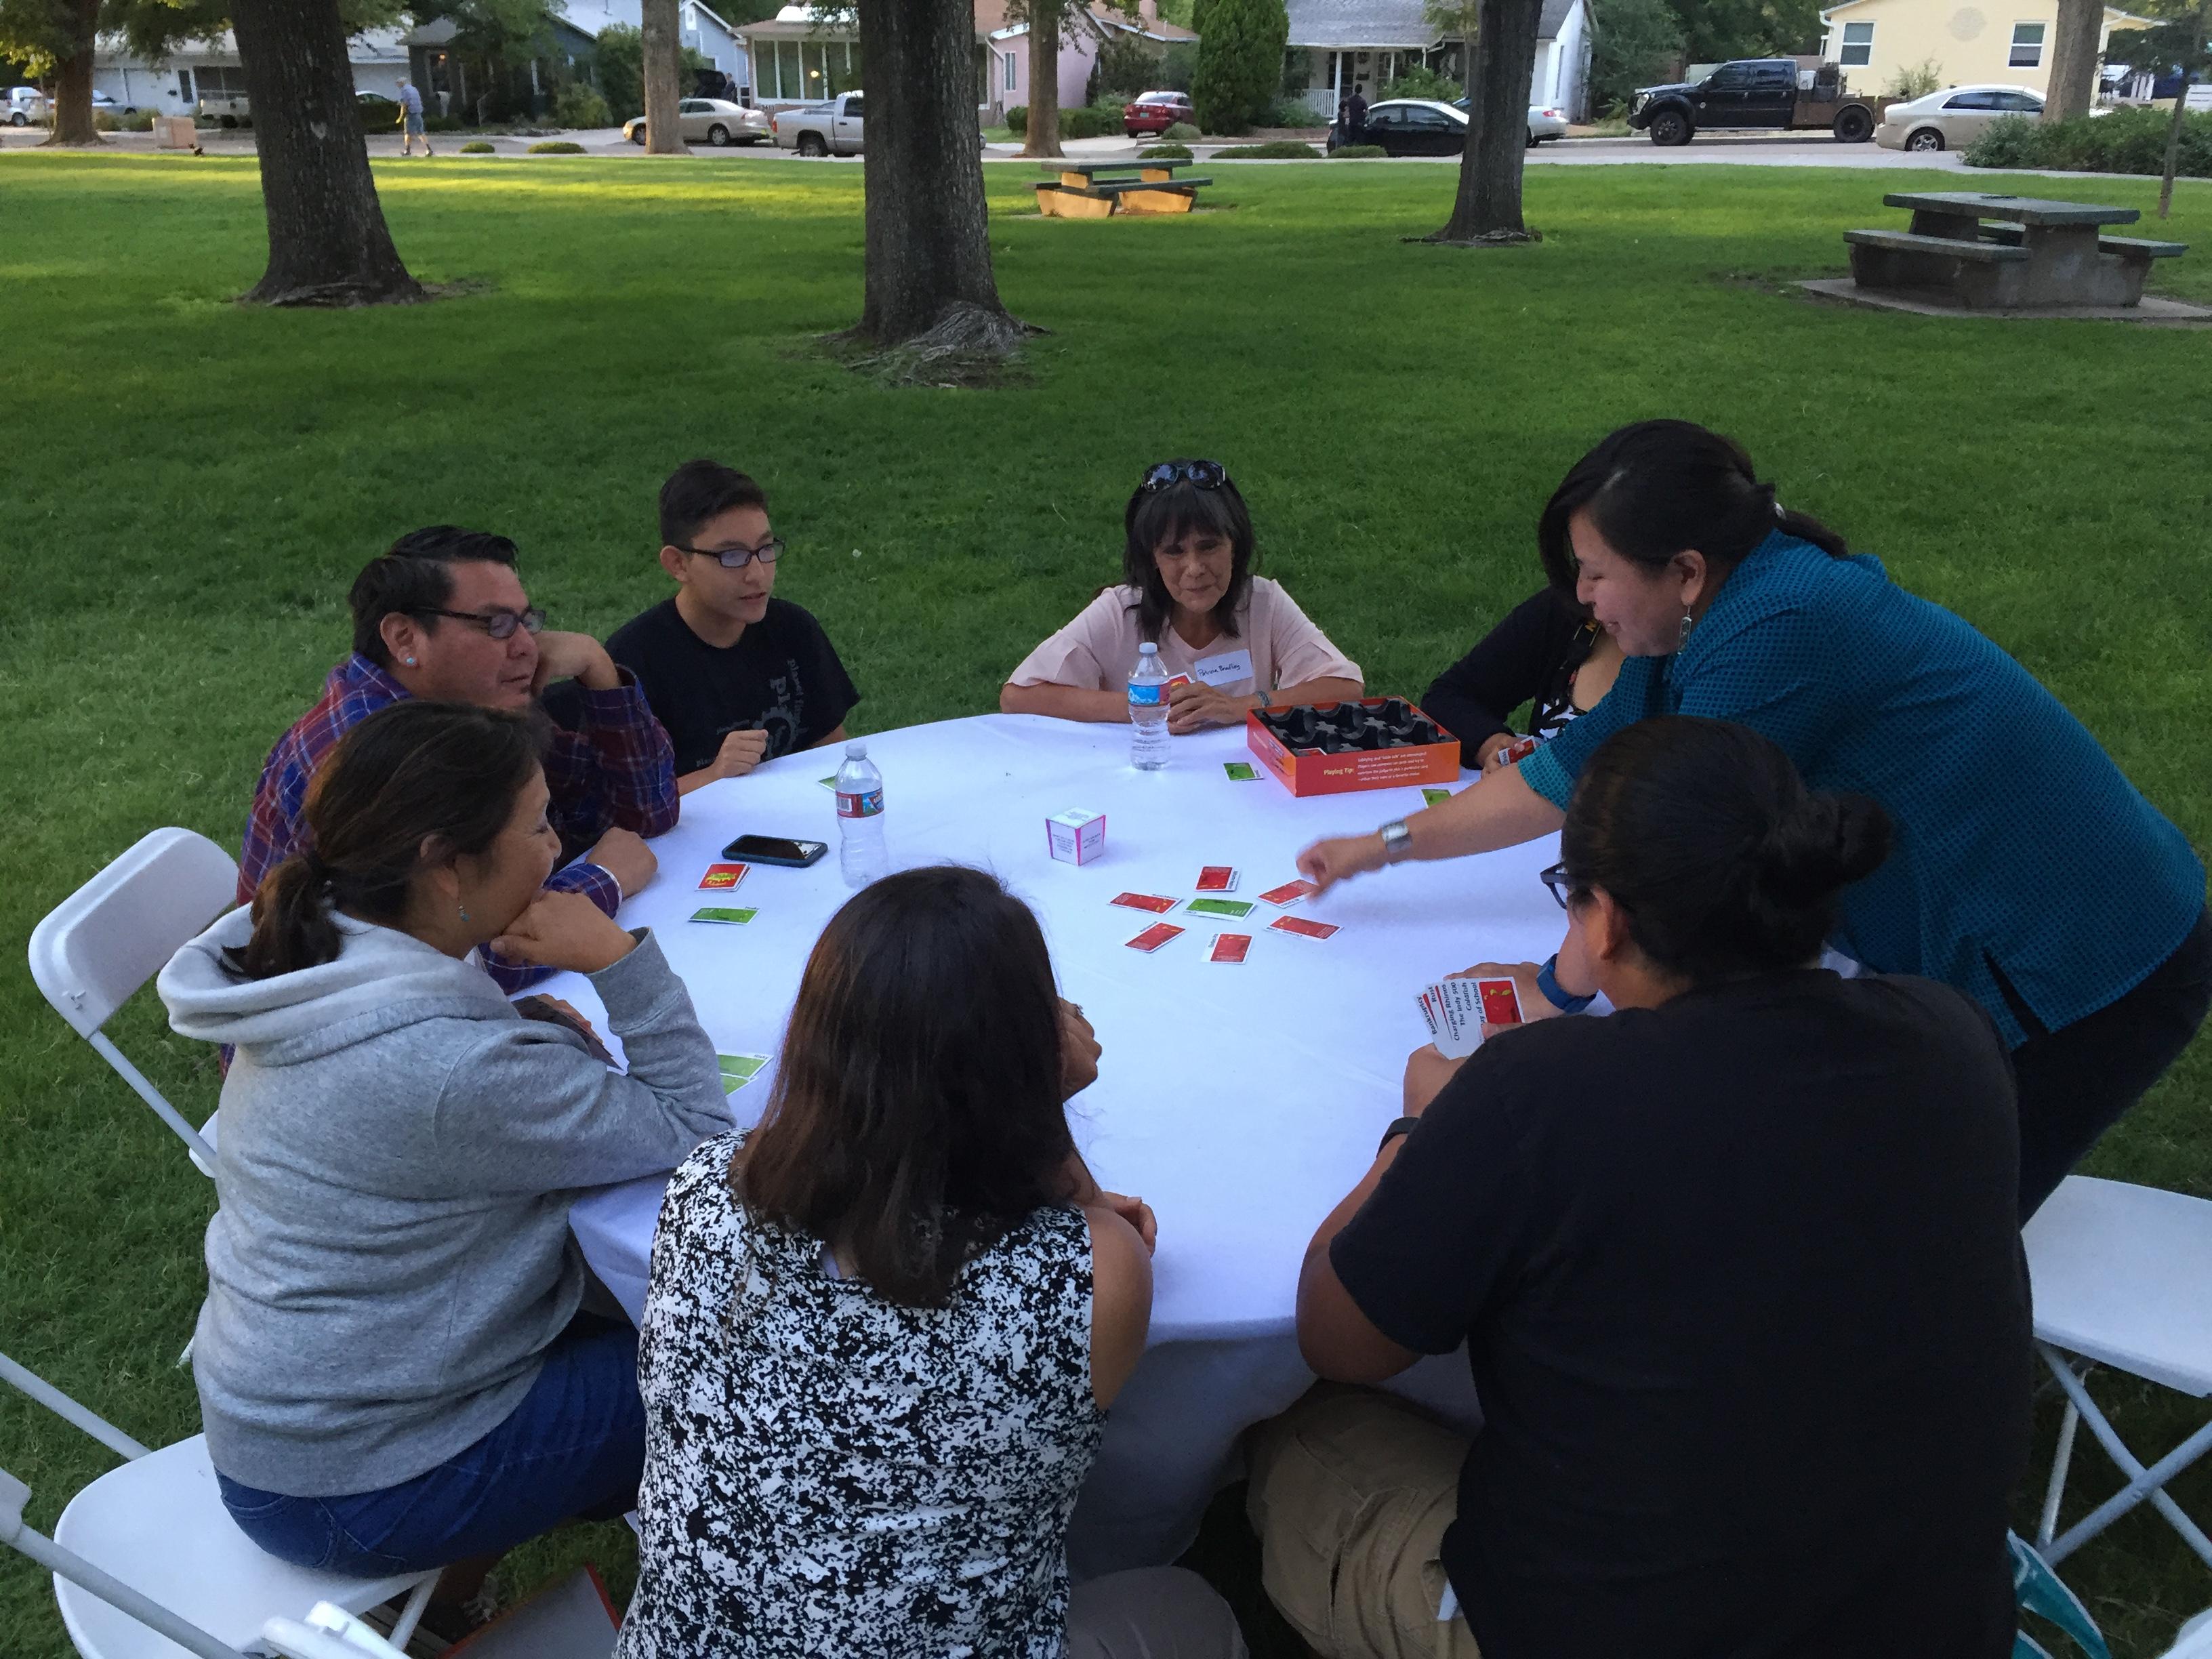 Groupe jouant des pommes aux pommes à table à l'extérieur.